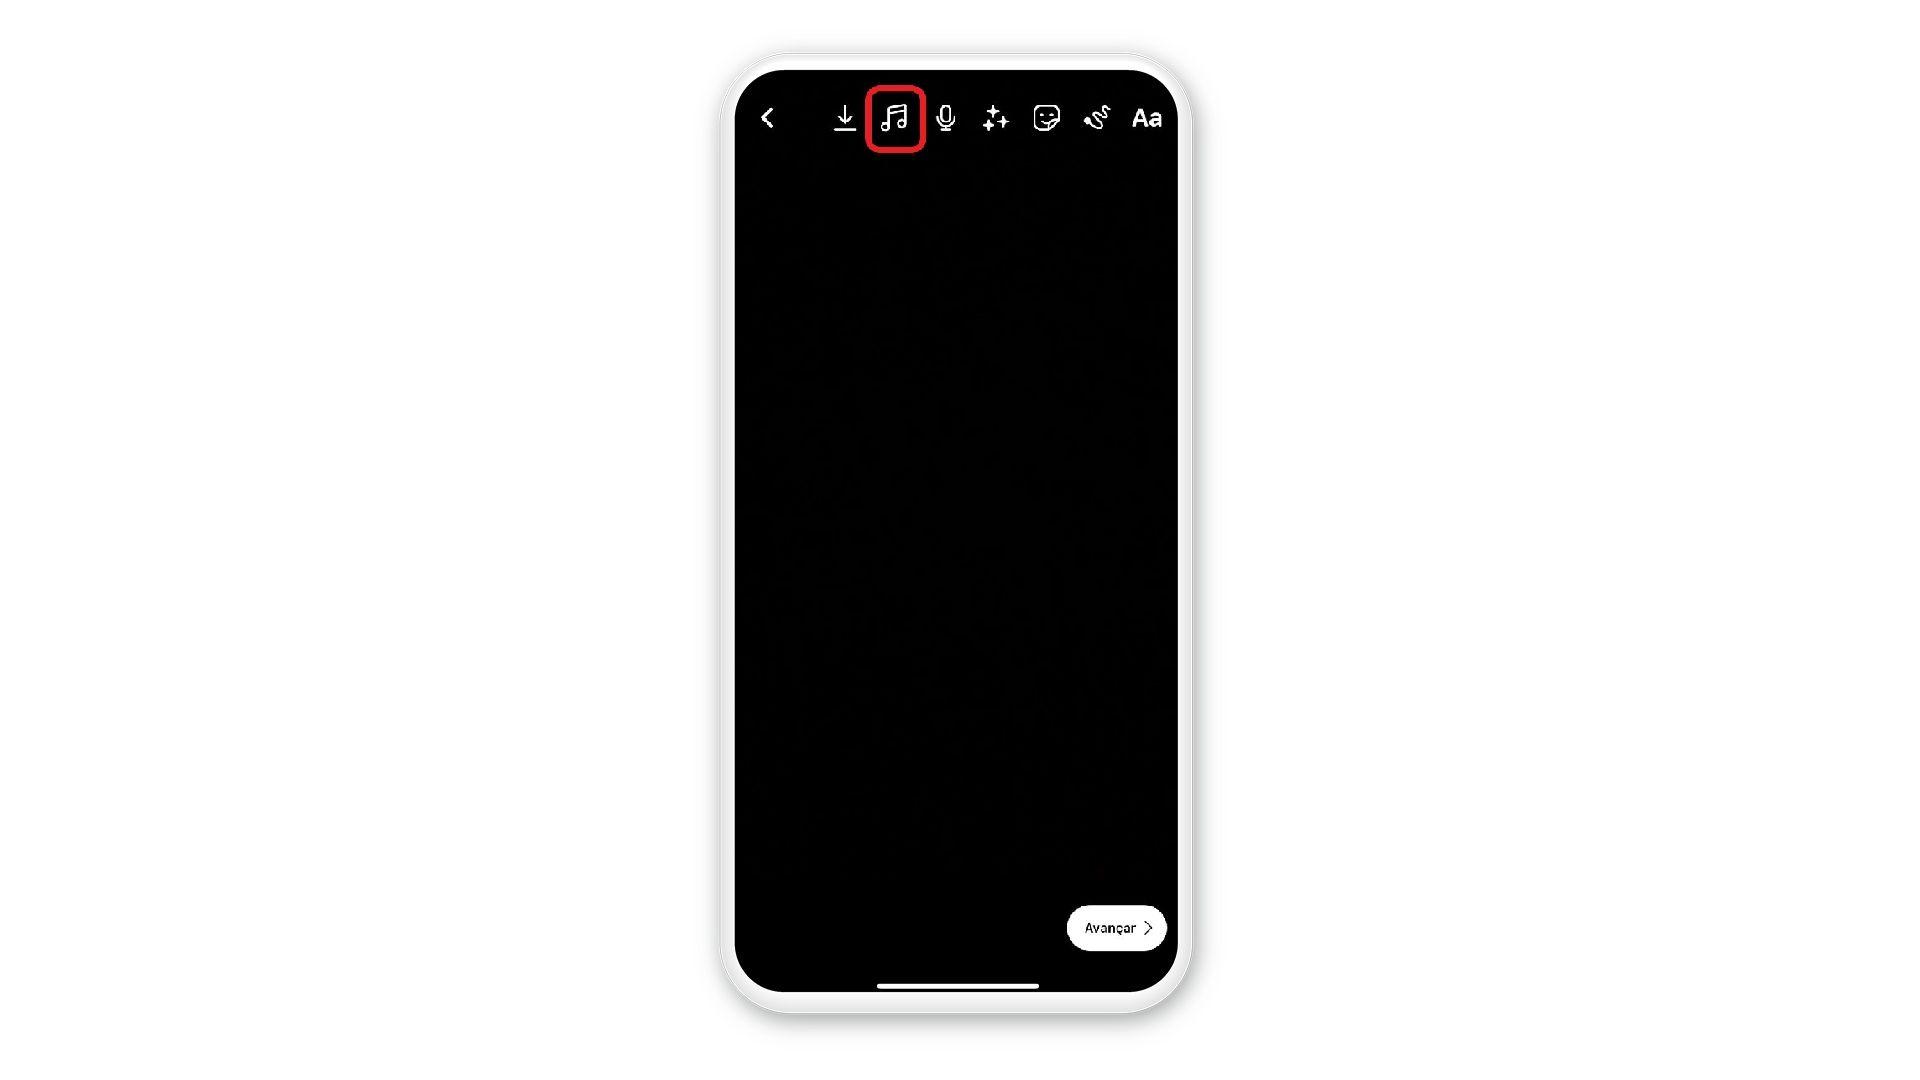 """Print mostra como selecionar opção de """"música"""" em uma tela de celular em fundo branco"""